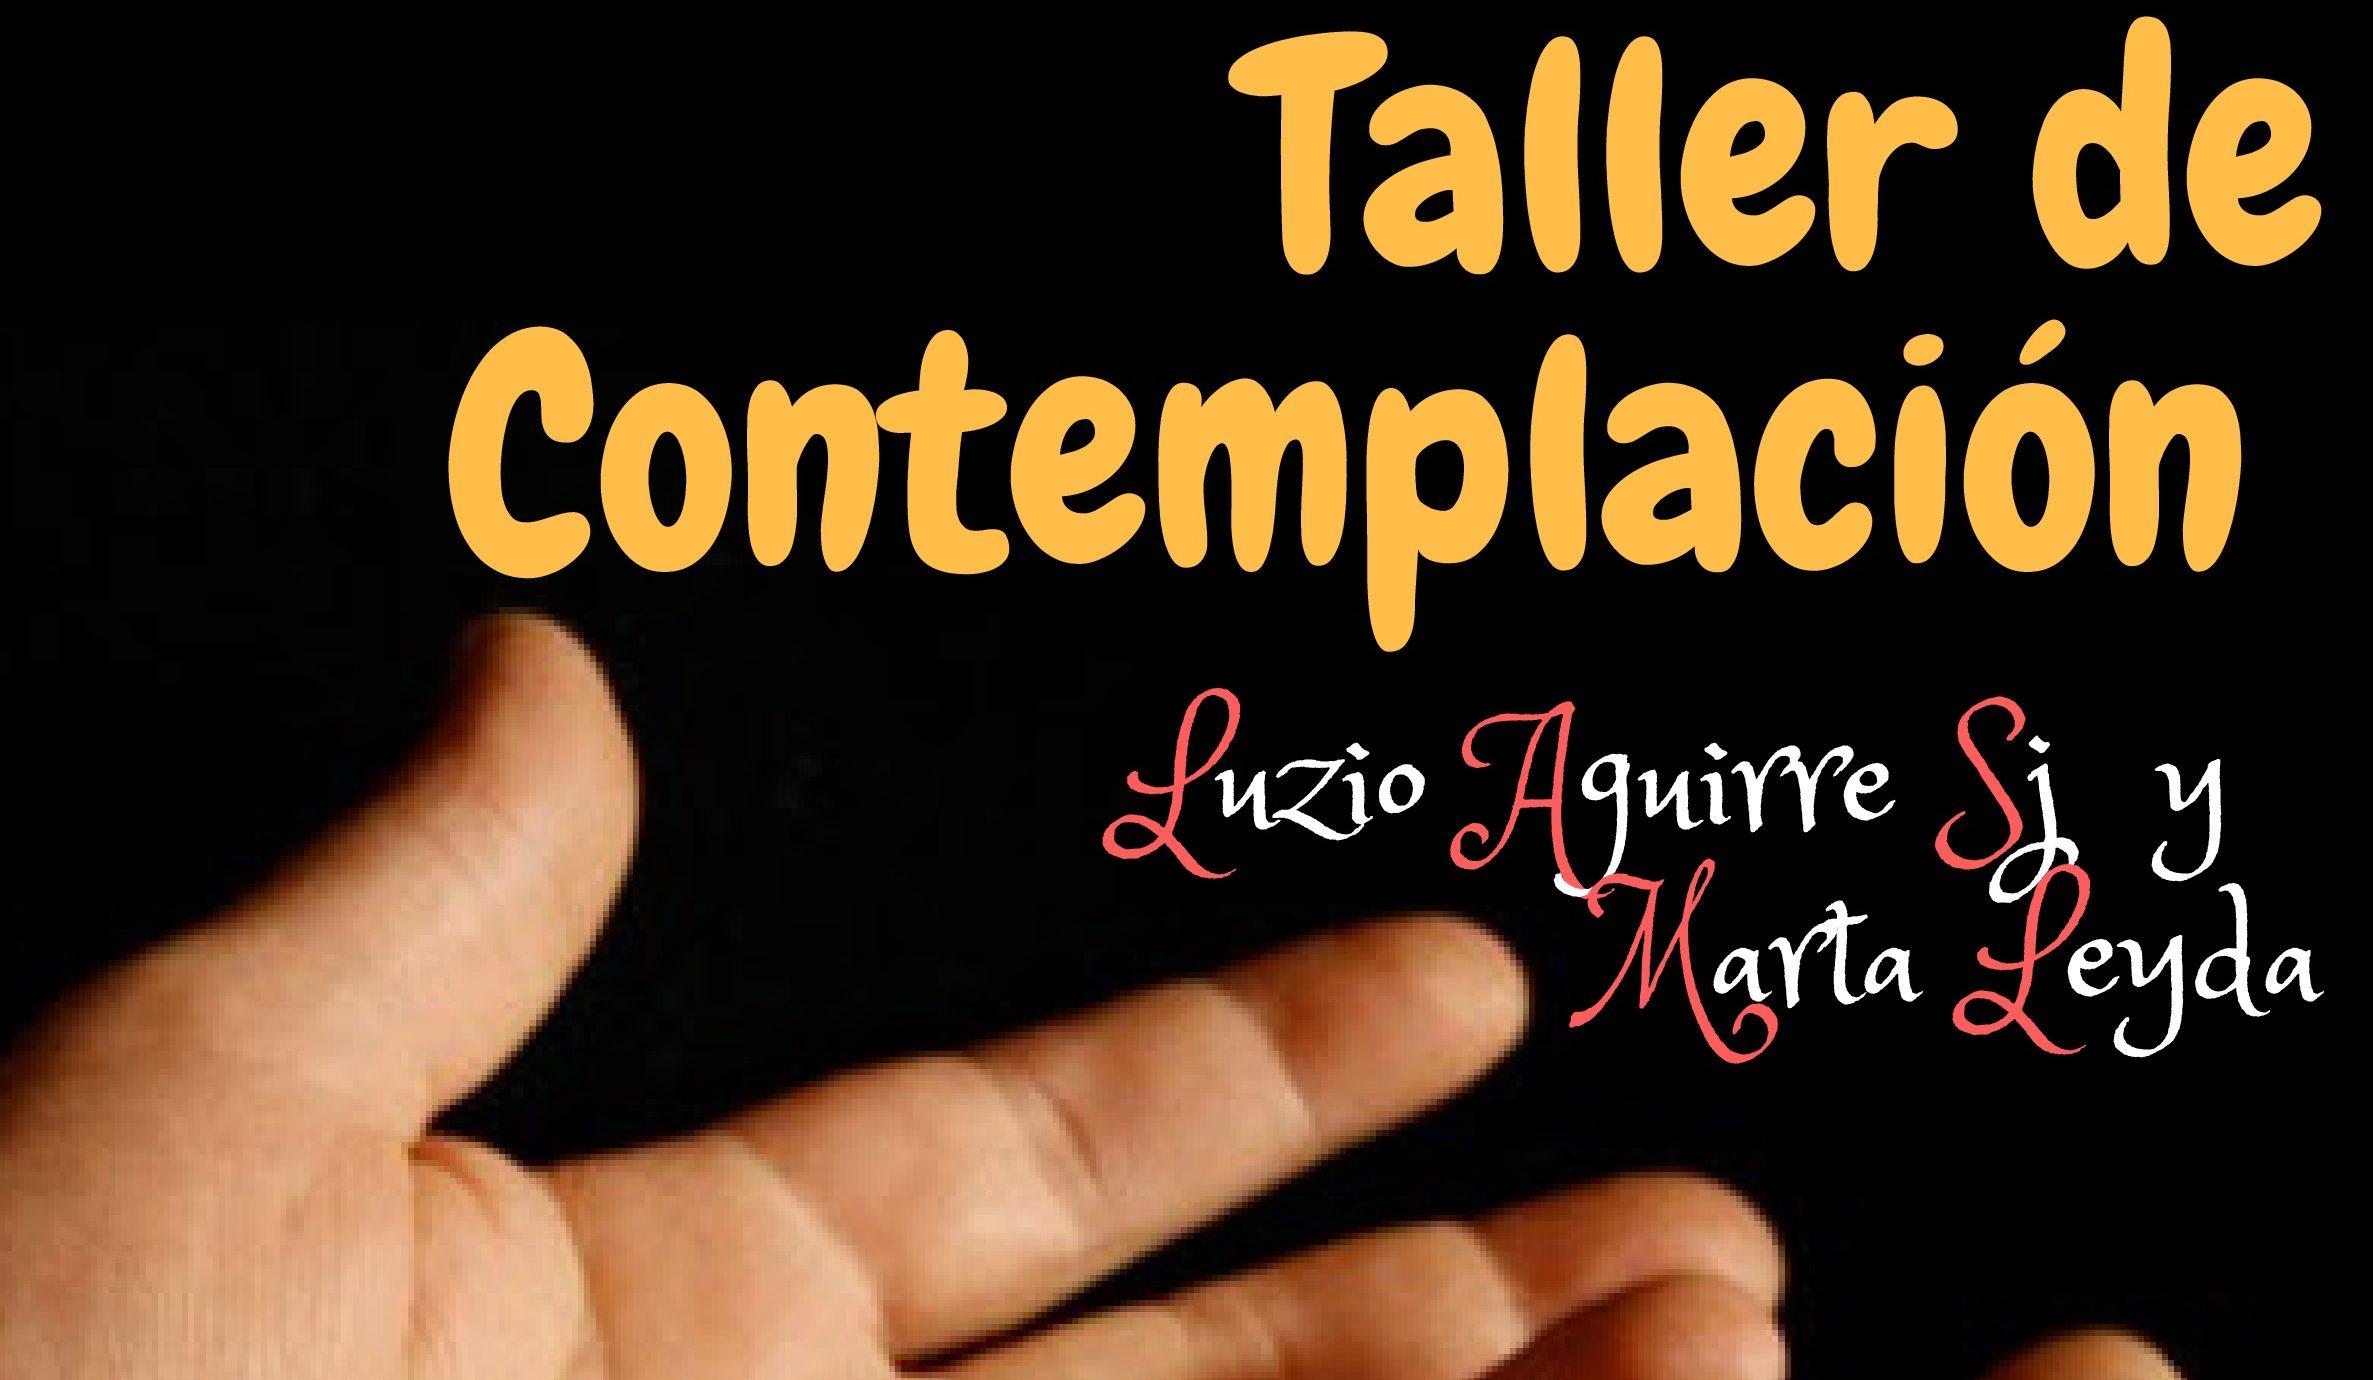 """Taller de contemplación """"Silencio en la ciudad"""" en el Centro Loyola"""